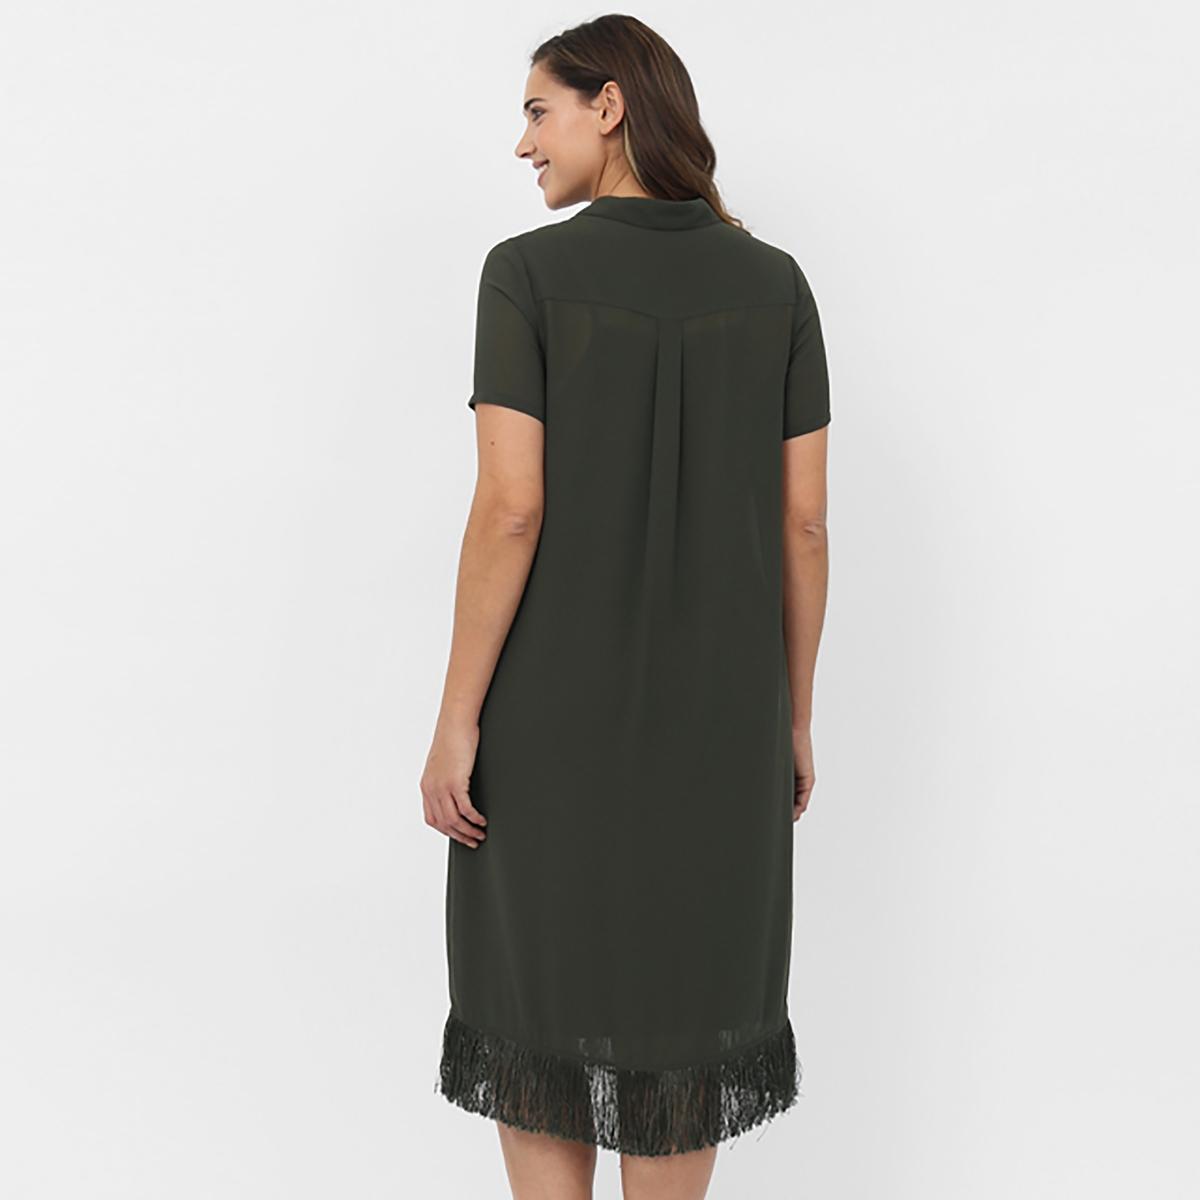 Платье с короткими рукавамиПлатье с короткими рукавами KOKO BY KOKO, Рубашечный воротник. Застёжка на пуговицы по всей длине. 2 кармана. Низ с бахромой. Длина около 102 см. 100% полиэстера<br><br>Цвет: хаки<br>Размер: 46 (FR) - 52 (RUS).48 (FR) - 54 (RUS)